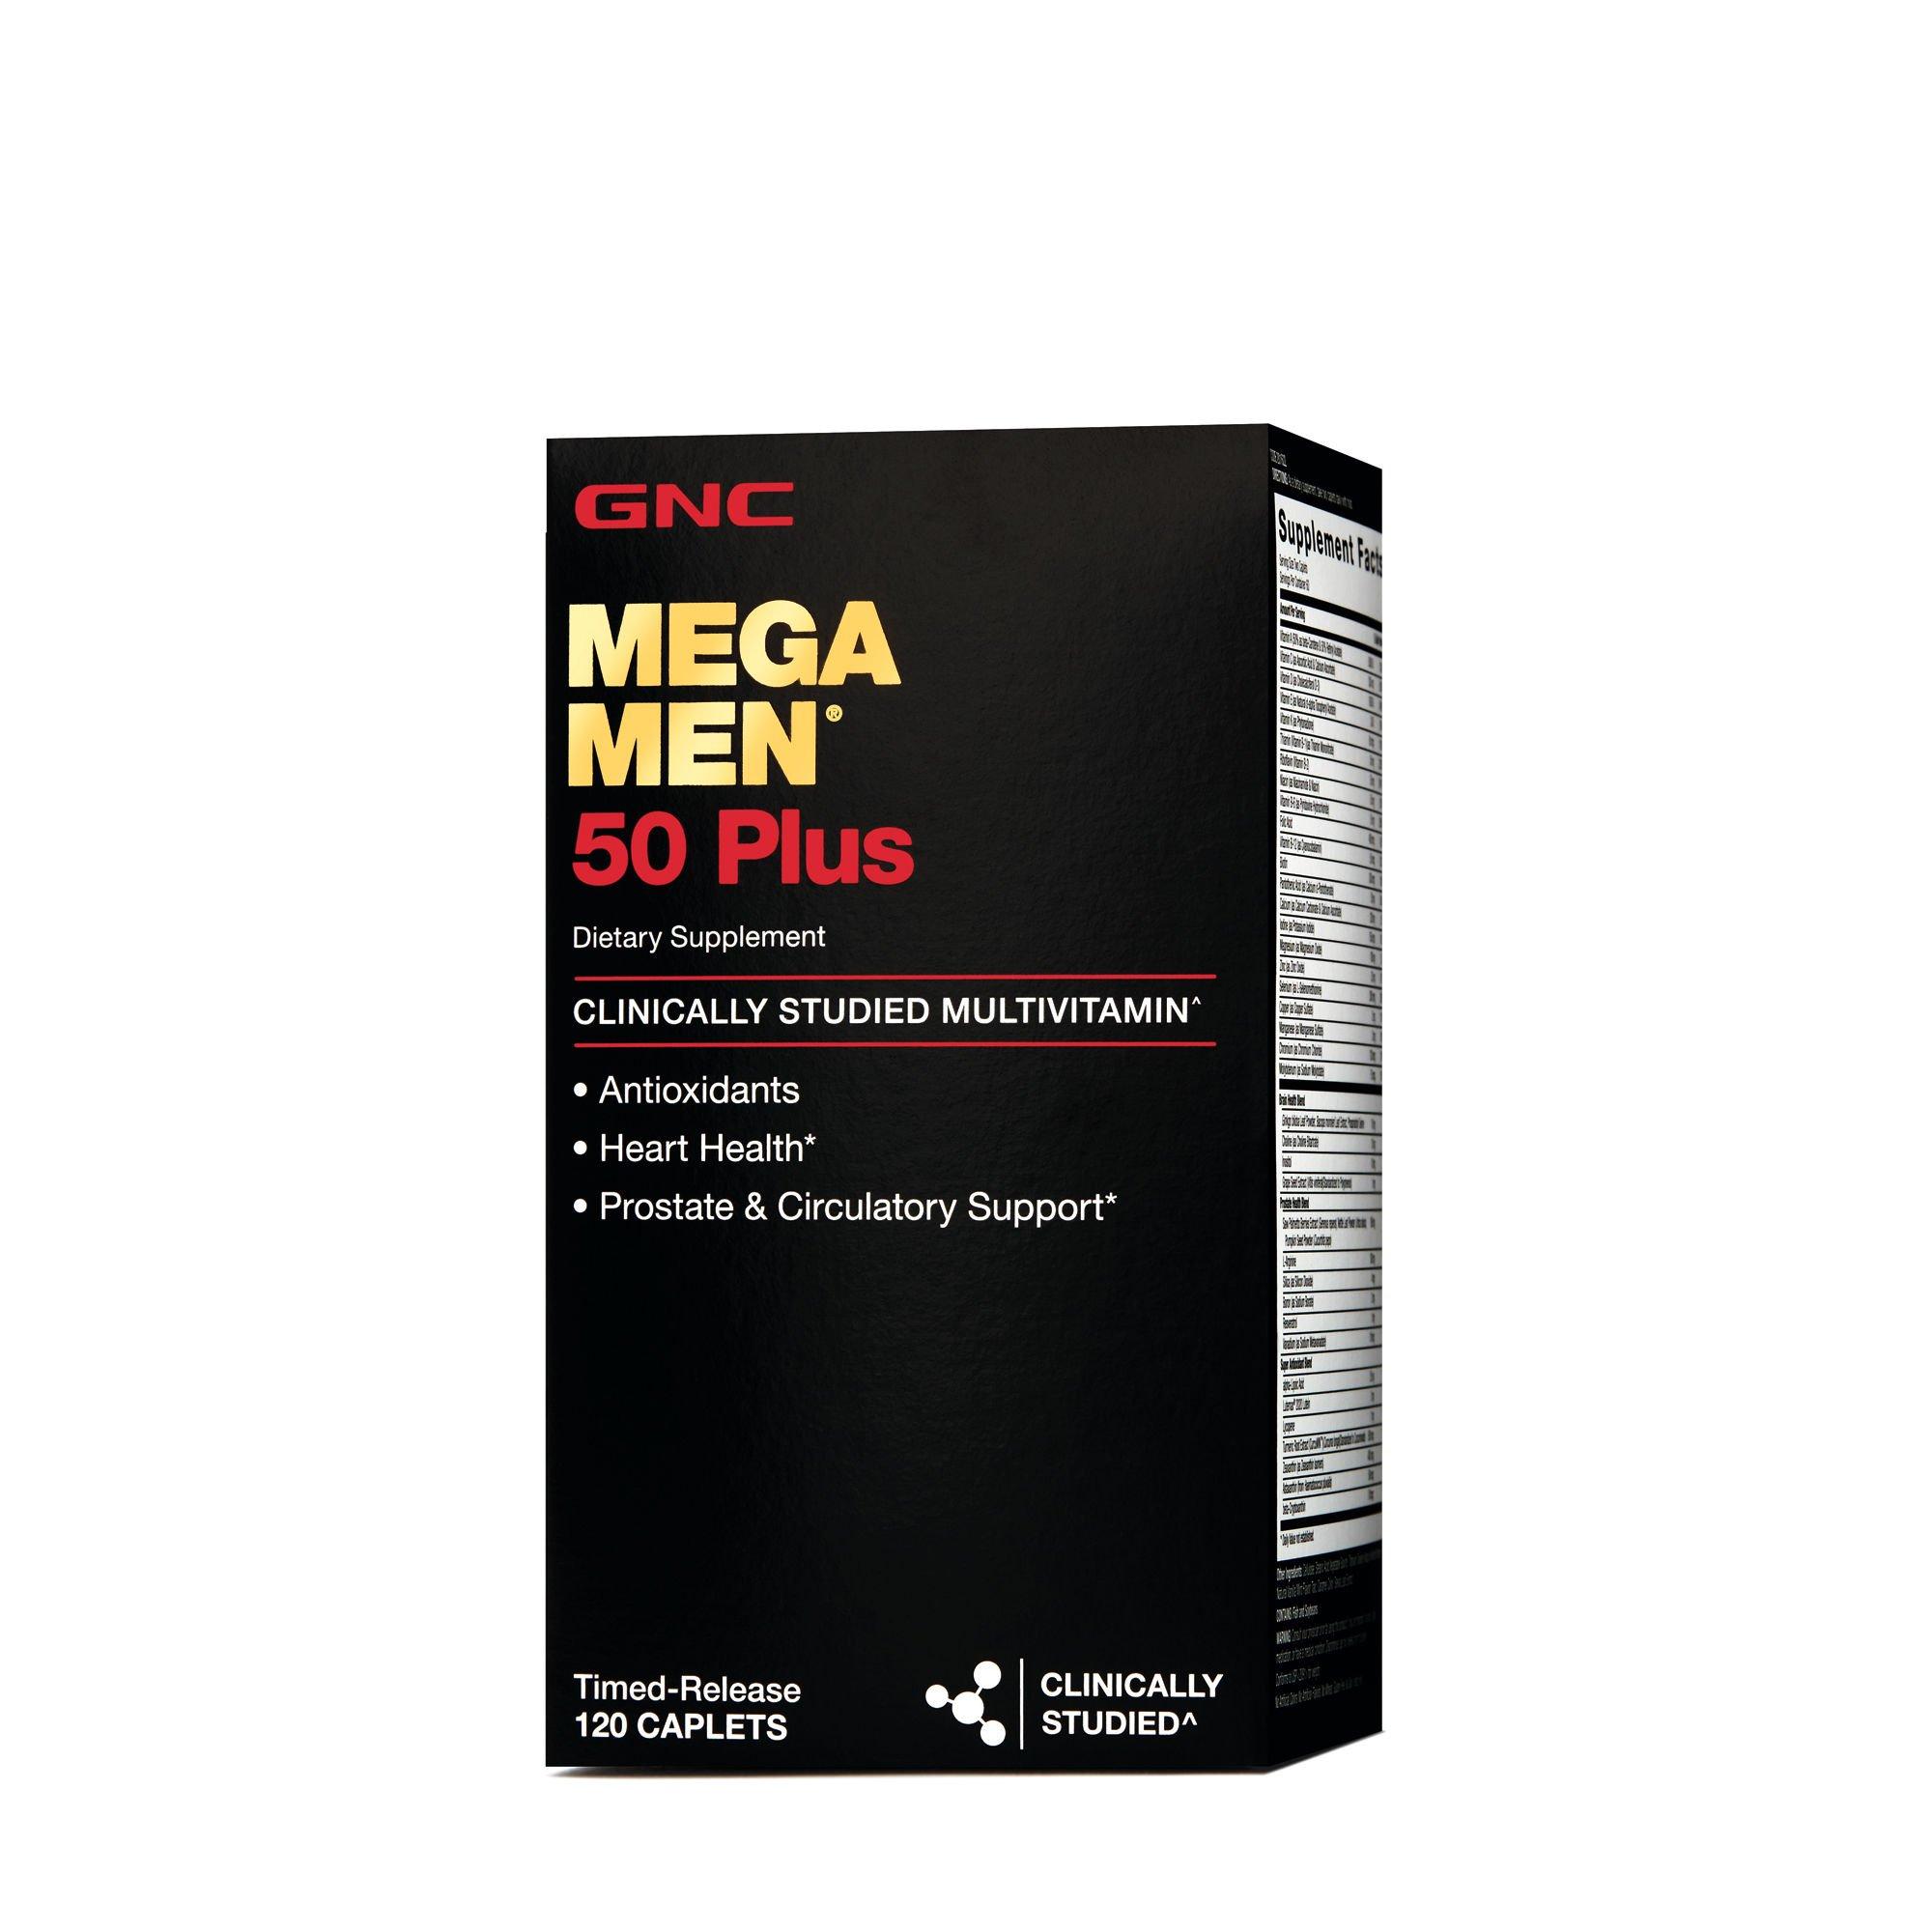 """Khi có tuổi nhu cầu dinh dưỡng của bạn thay đổi. tôi khuyên bạn nên dùng mega men 50 plus vì nó cung cấp sự cân bằng thích hợp của vitamin và khoáng chất cộng với các chất dinh dưỡng để hỗ trợ tuyến tiền liệt và sức khỏe của mắt và bộ nhớ"""""""